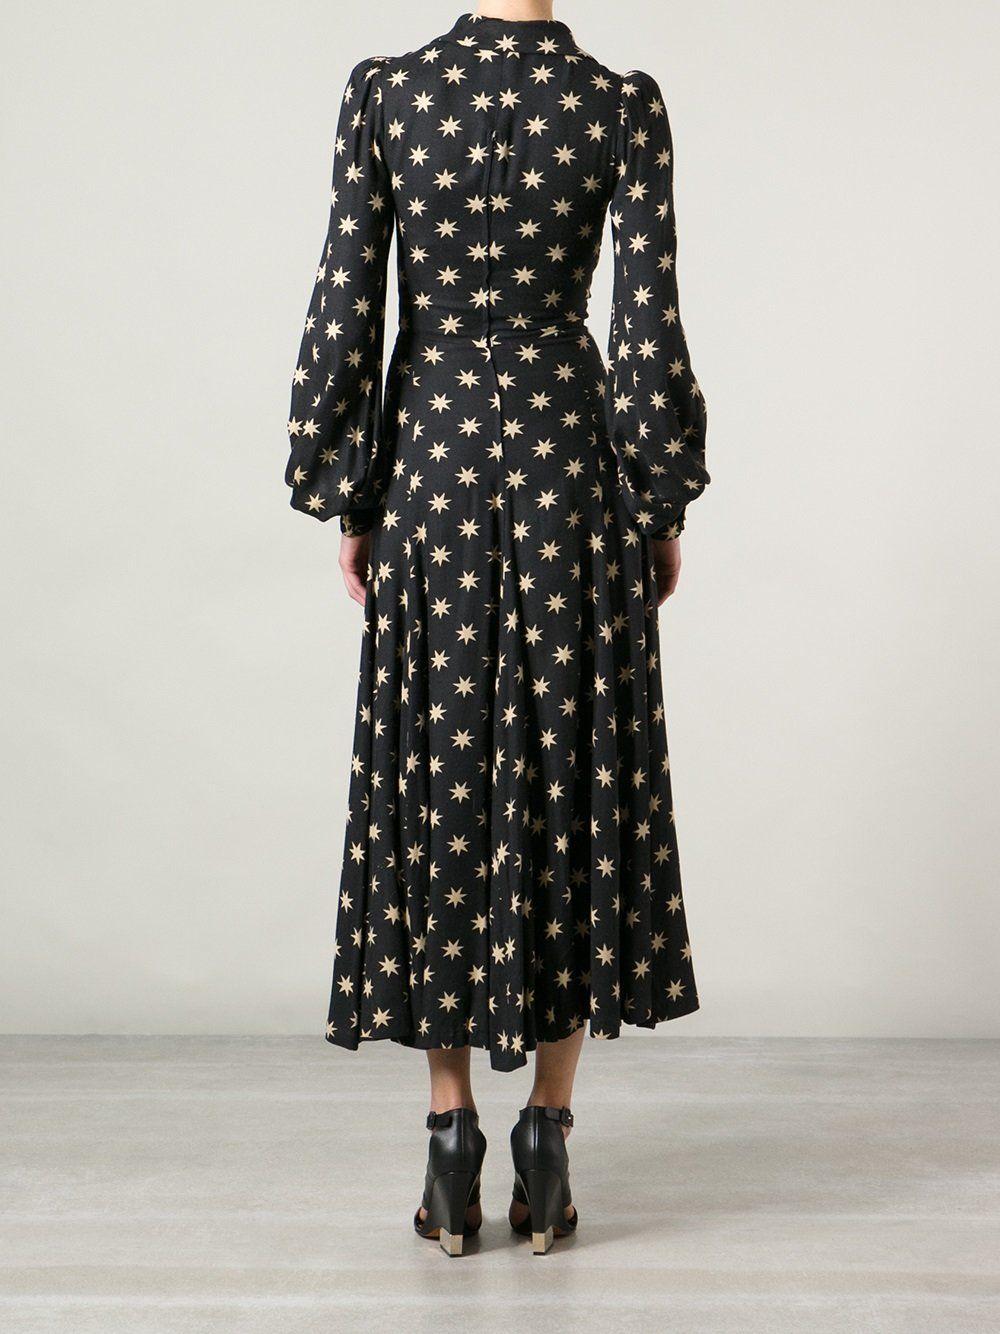 92f6aa62a5 Biba Vintage star print maxi dress | BIBA LOOK from London, 1960s ...